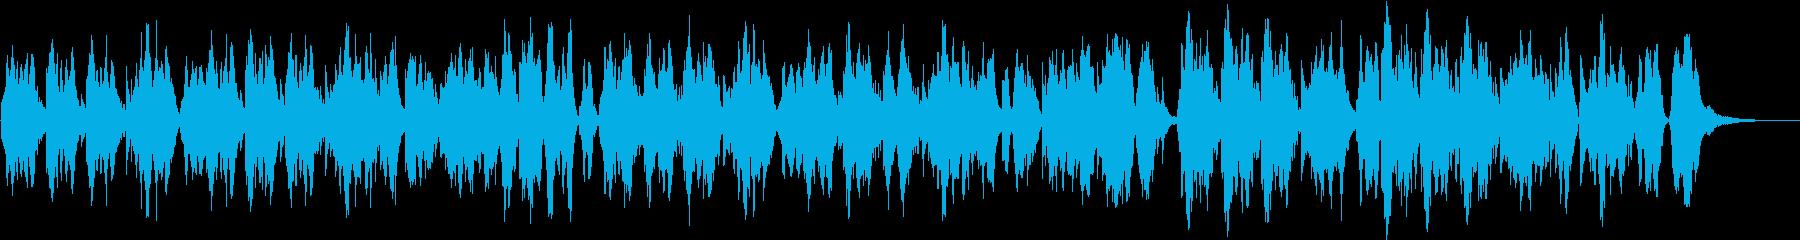 二胡が奏でる優しく暖かな曲の再生済みの波形